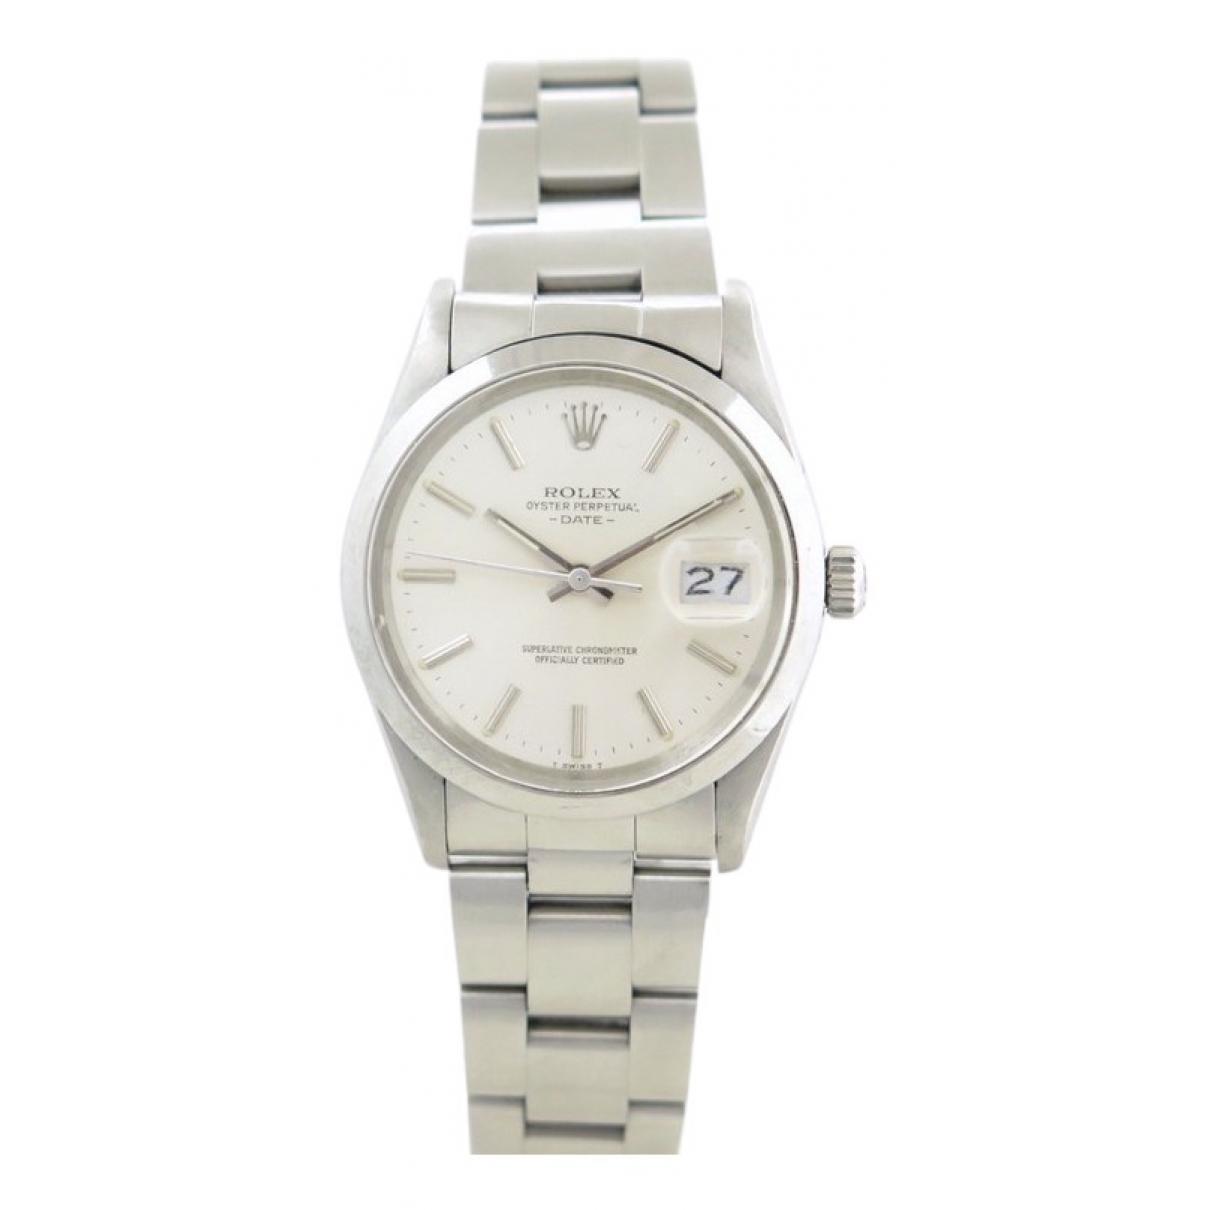 Rolex Oysterdate 34mm Uhr in  Silber Stahl